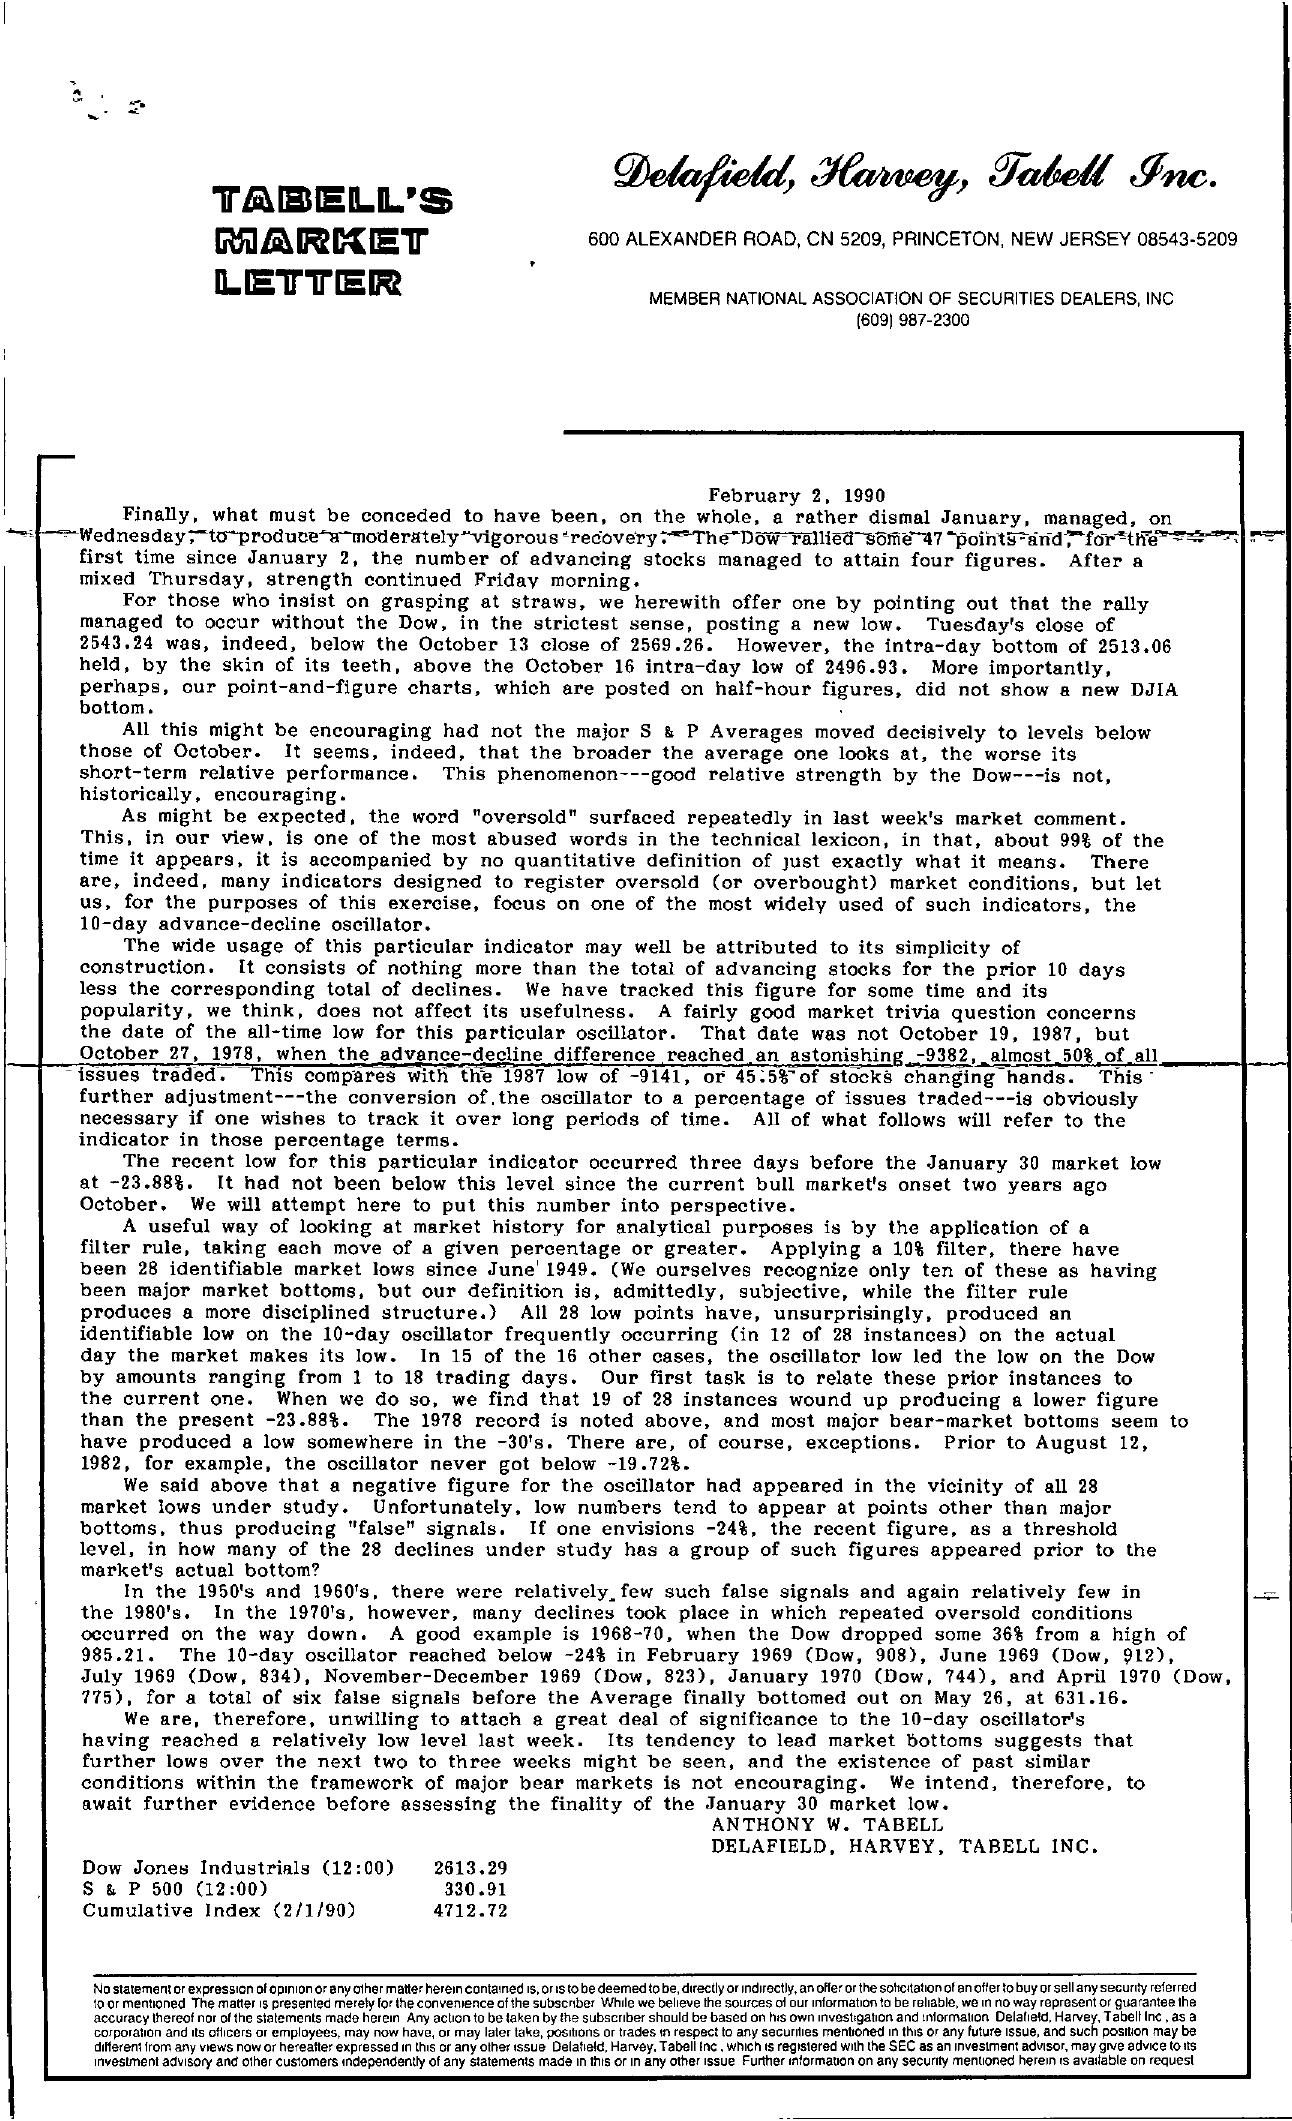 Tabell's Market Letter - February 02, 1990